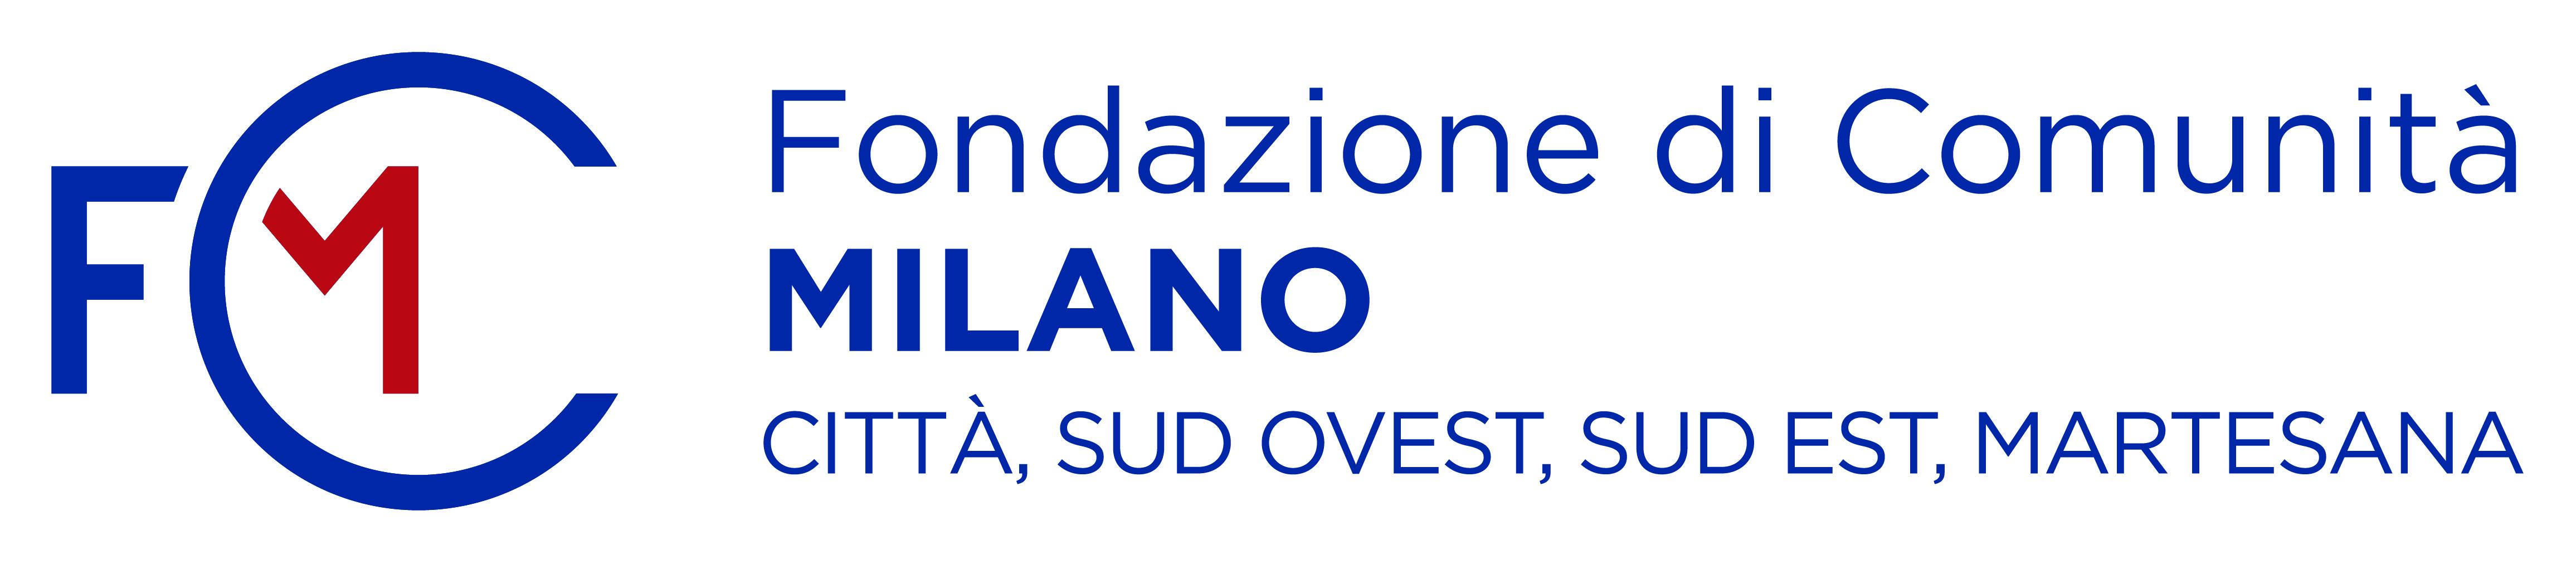 Logo_Fondazione_Comunita_Milano